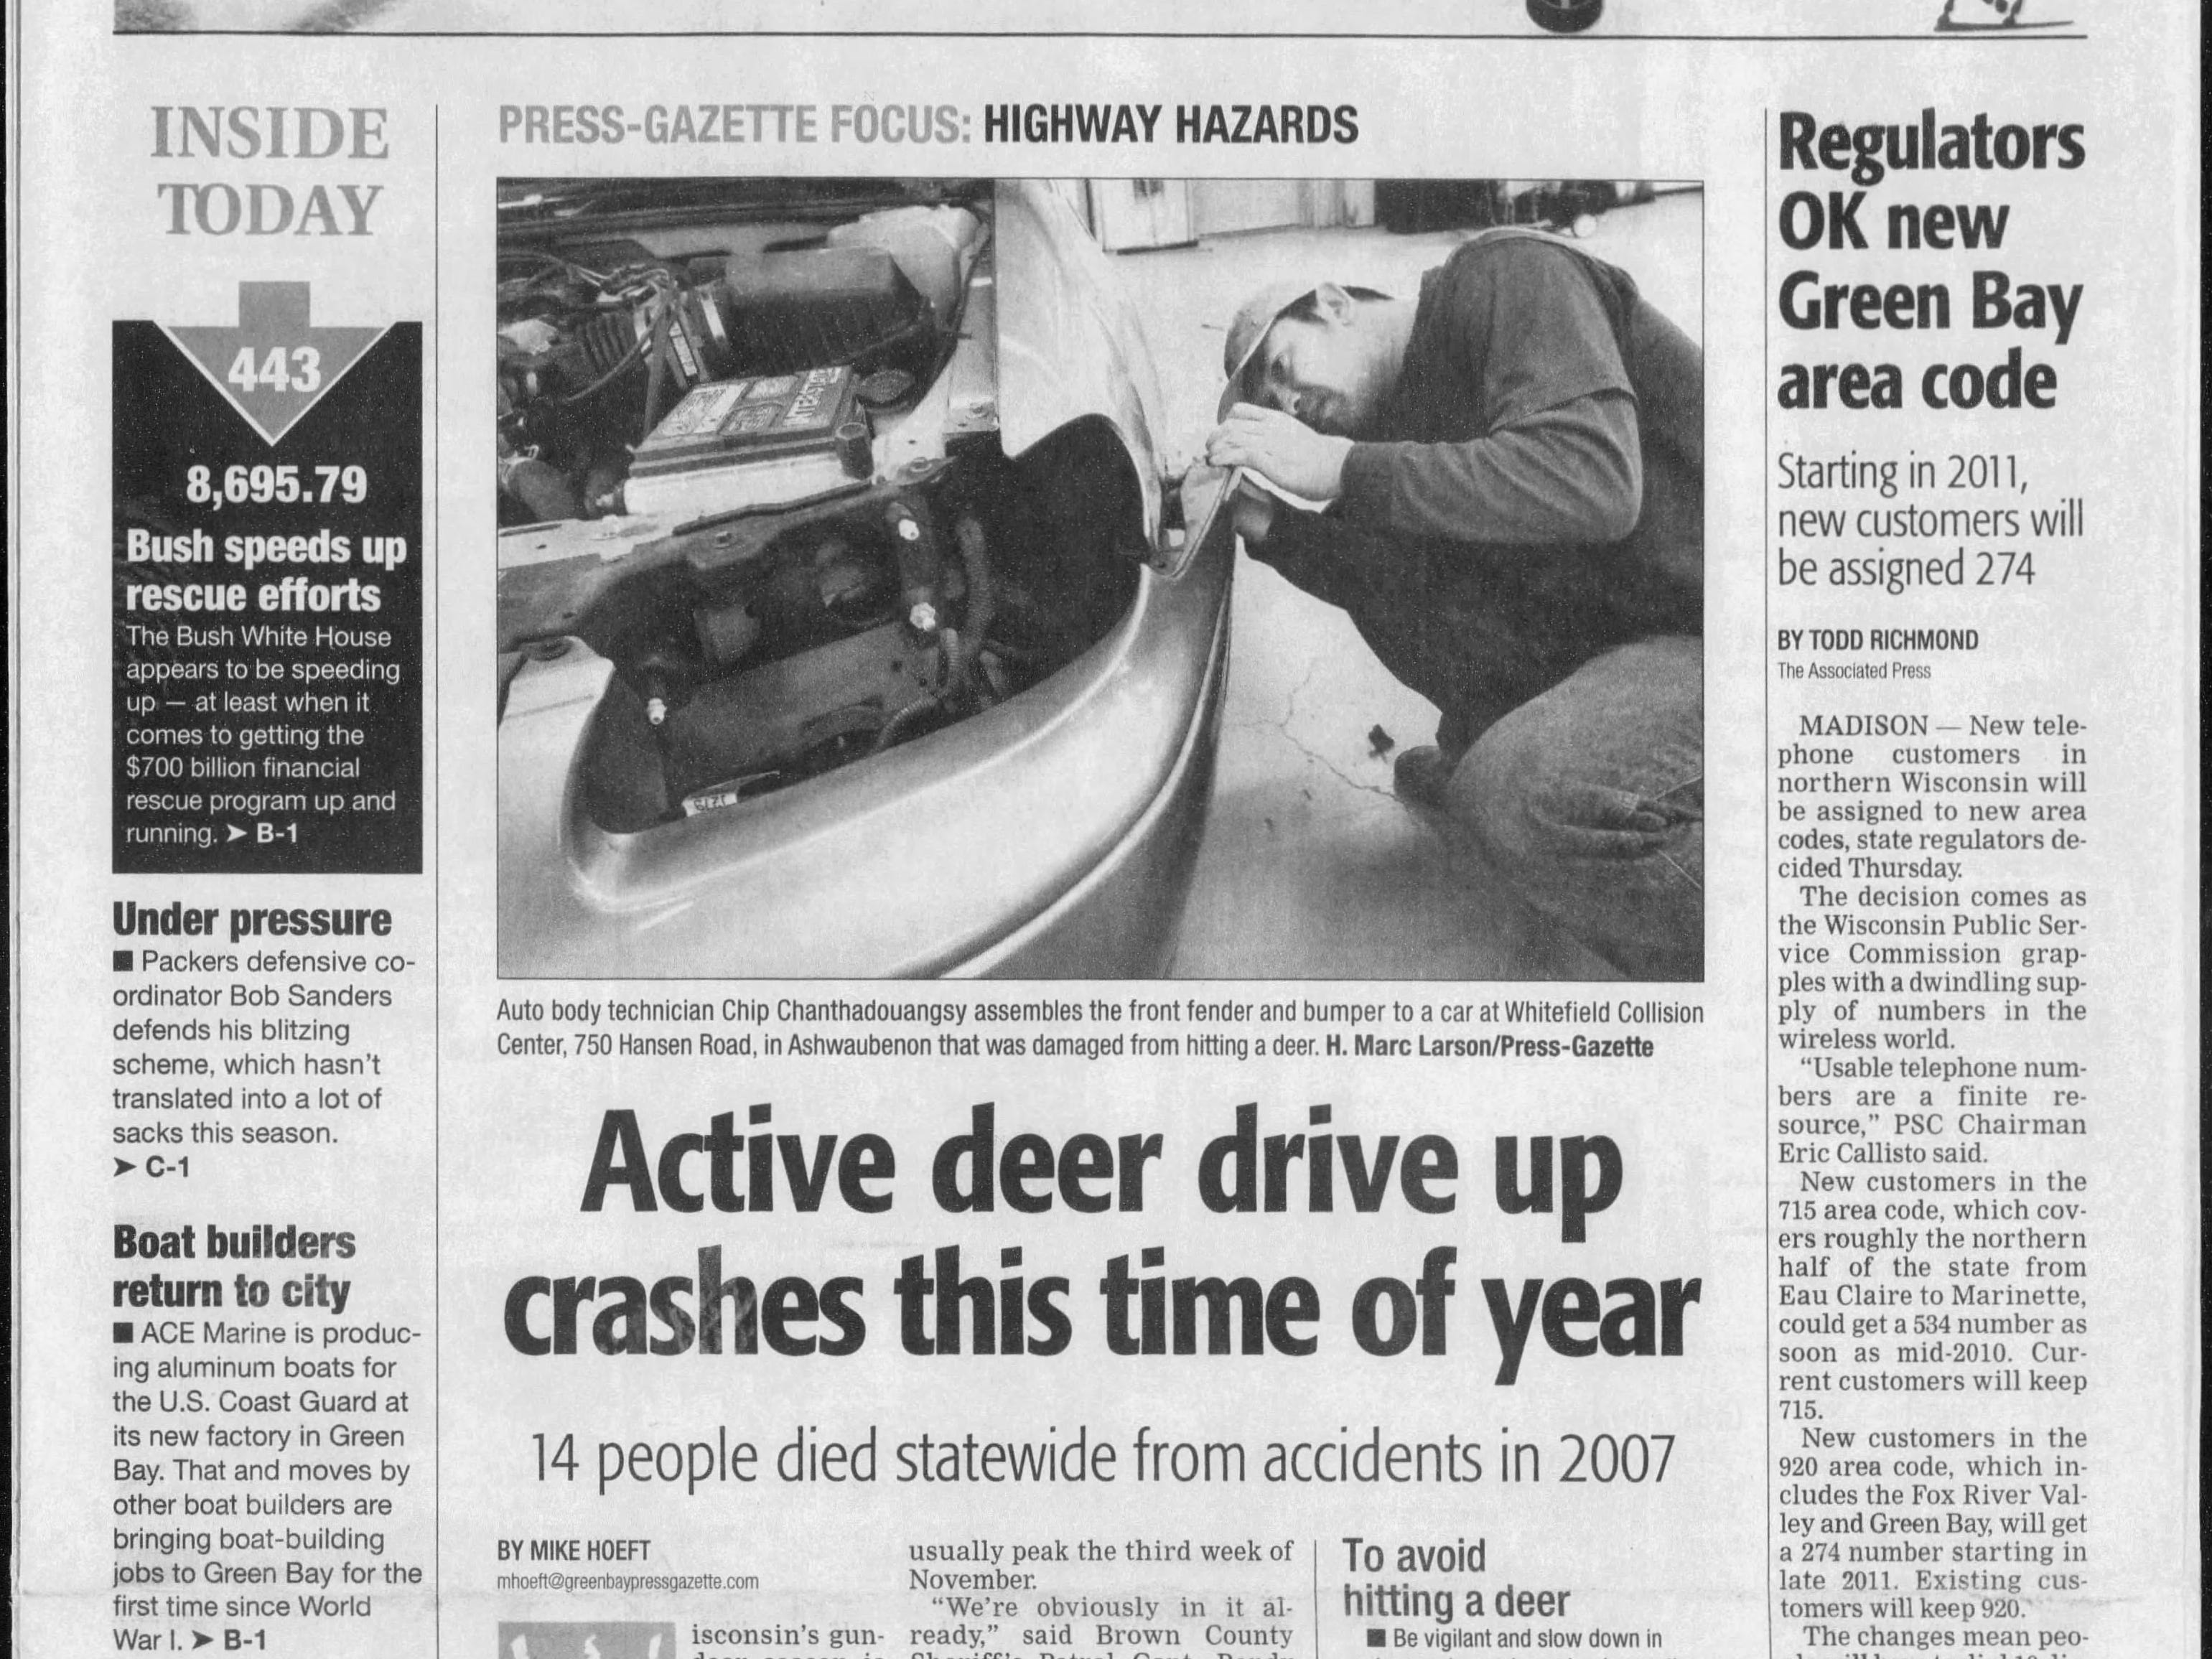 Today in History: Nov. 7, 2008